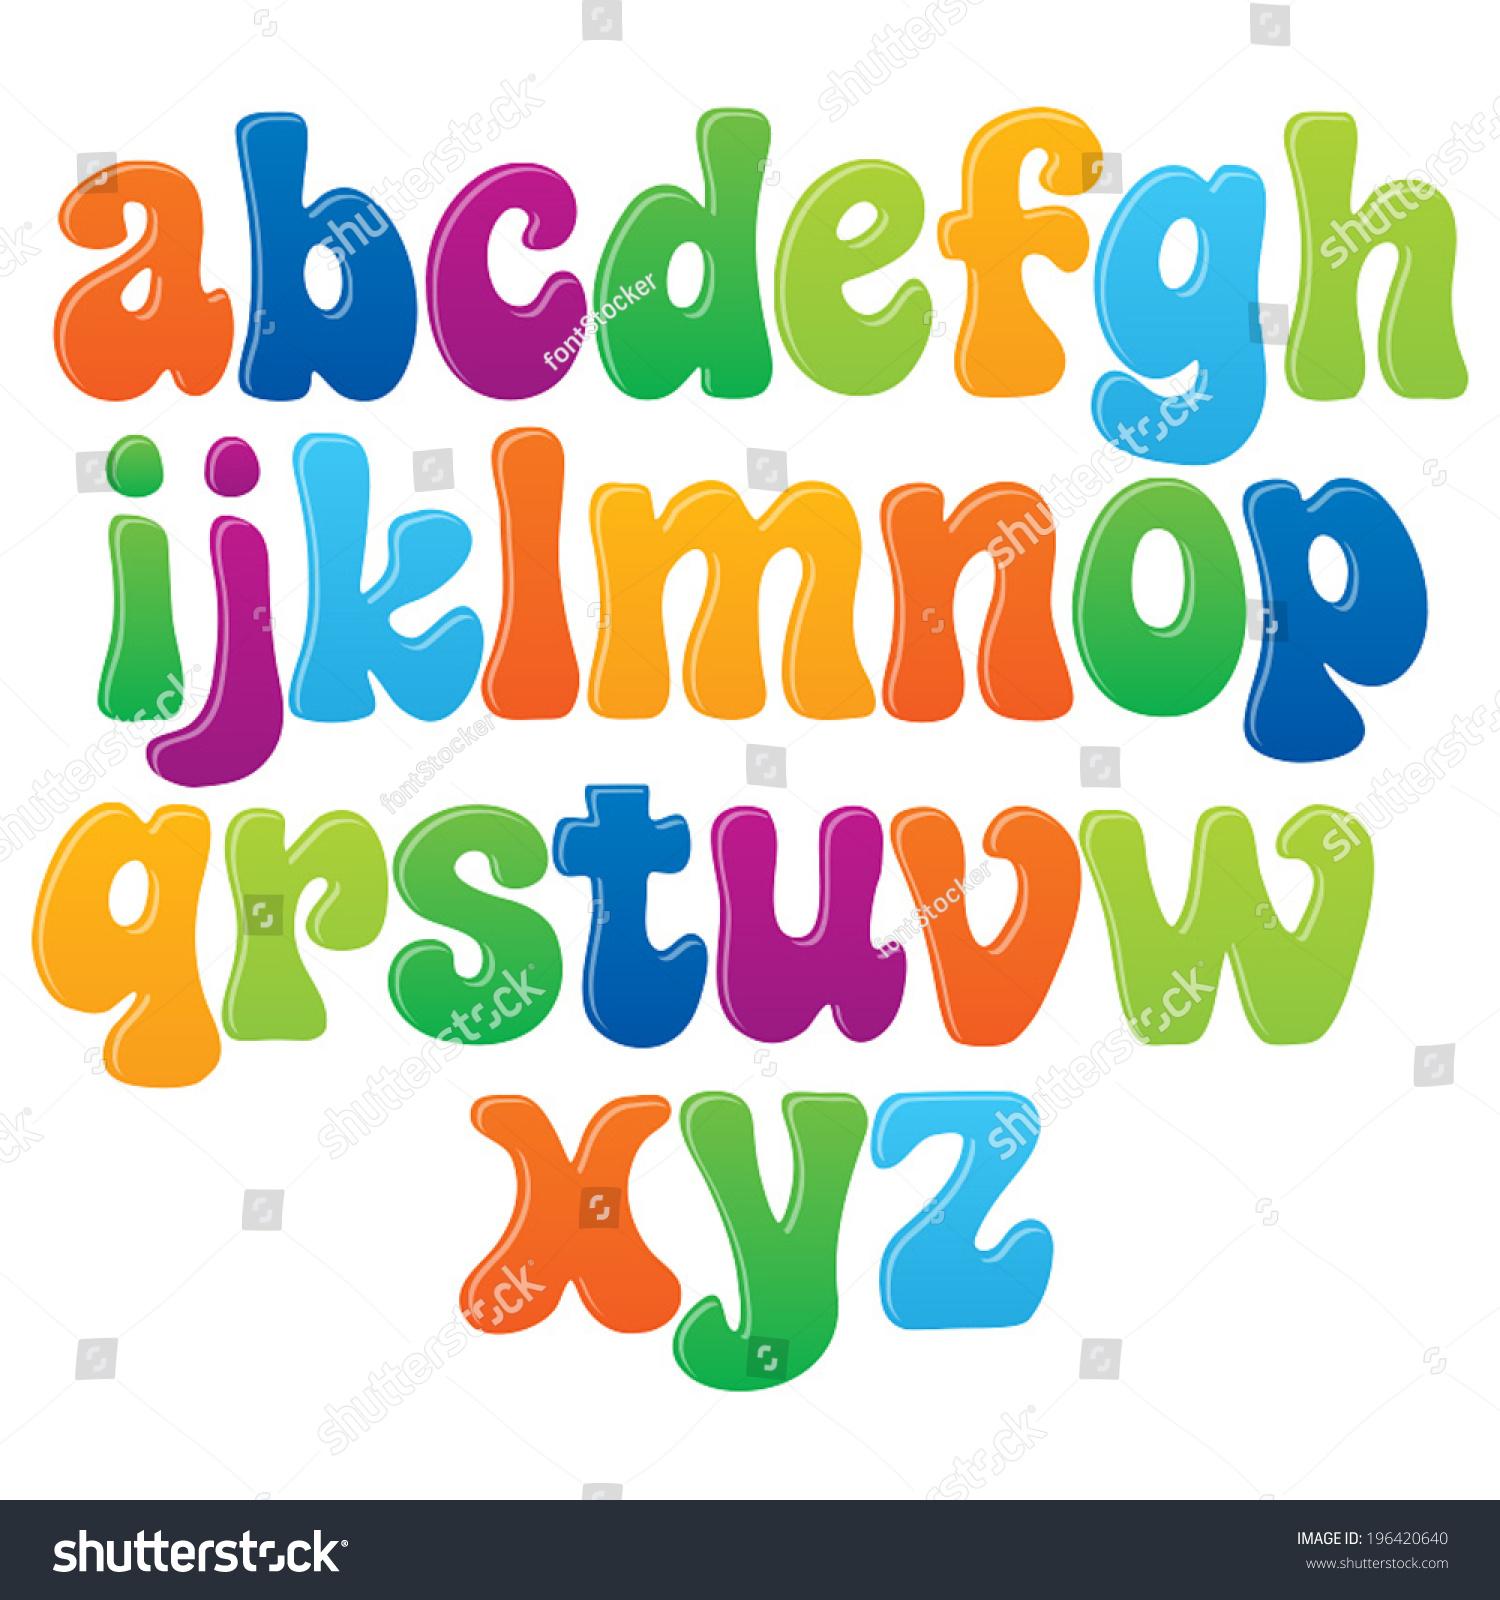 Style Of Writing English Alphabets